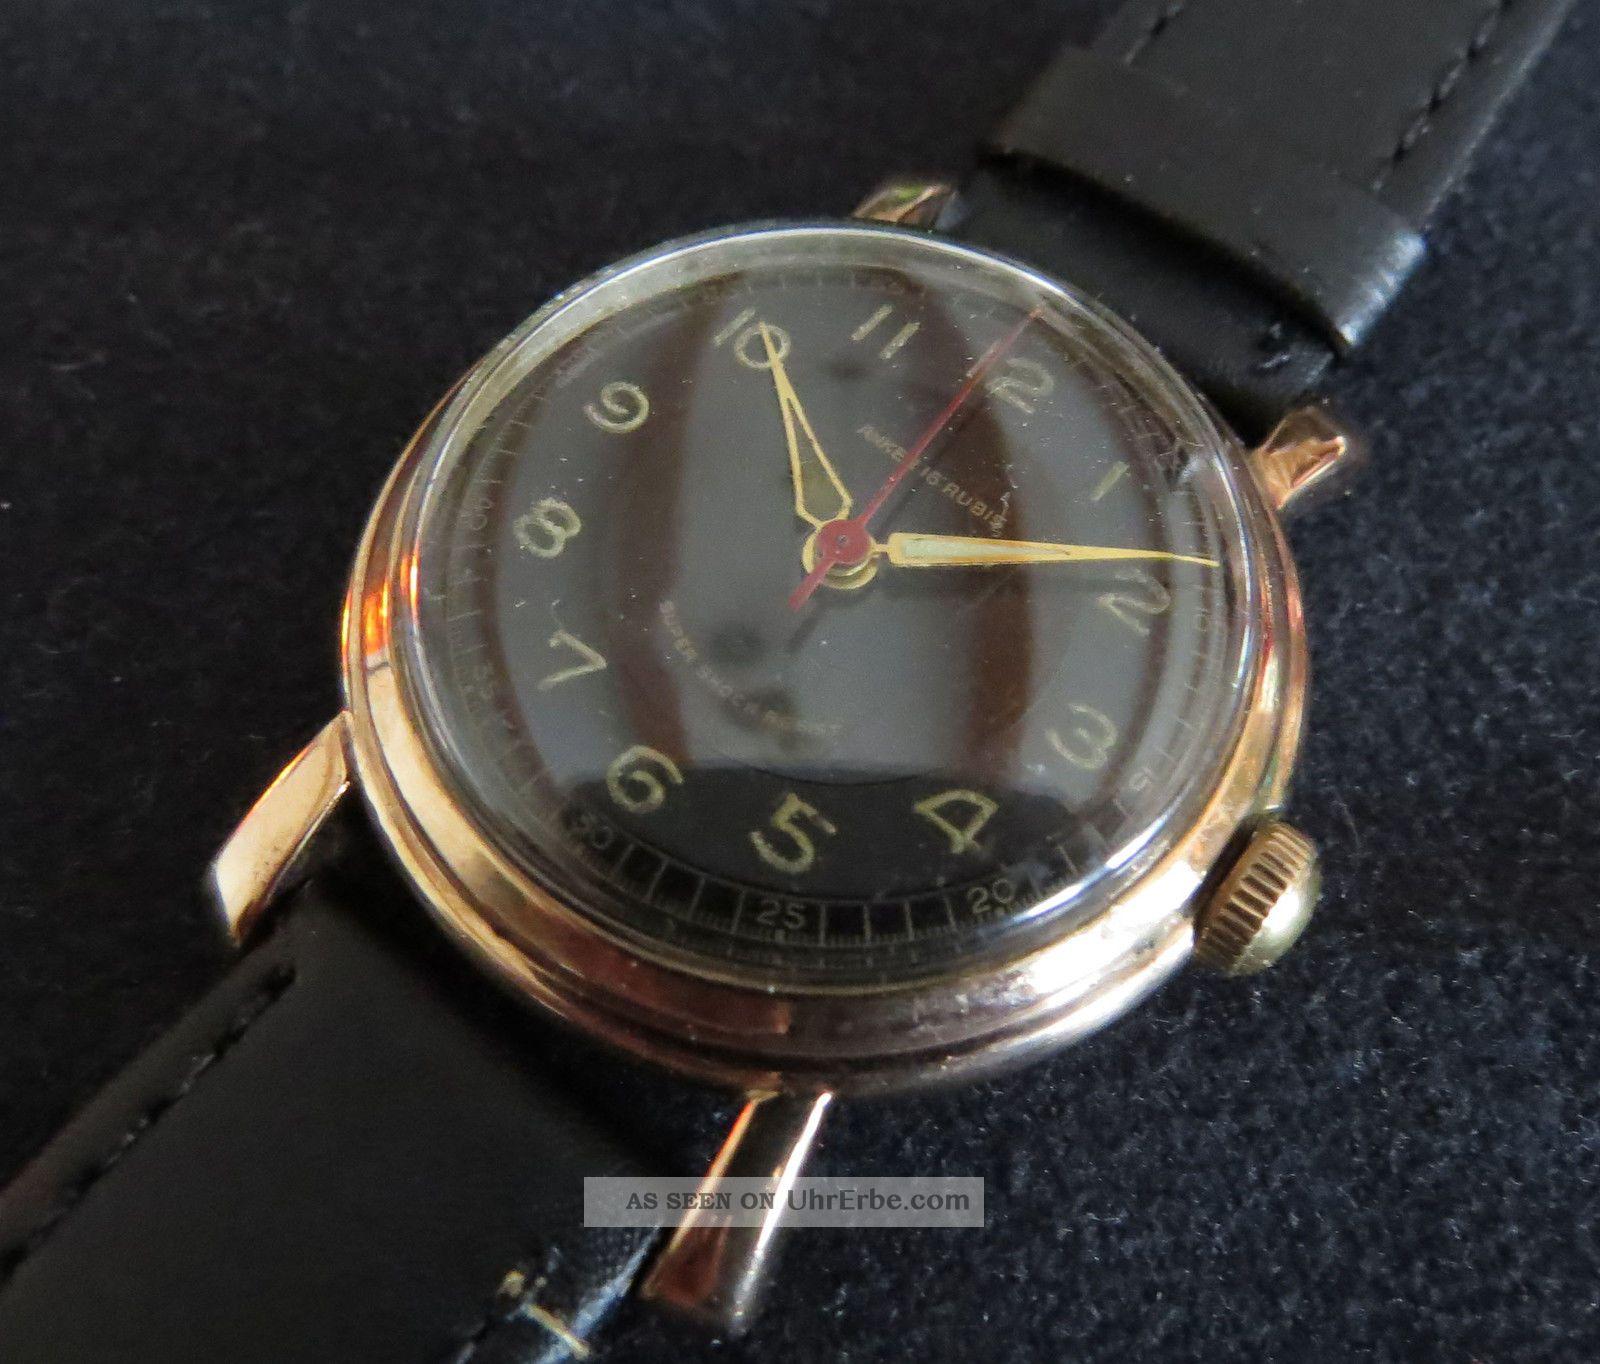 Anker,  Flieger Bzw.  Militäroptik,  Seltenes Frühes Schweizer Ankerwerk Armbanduhren Bild